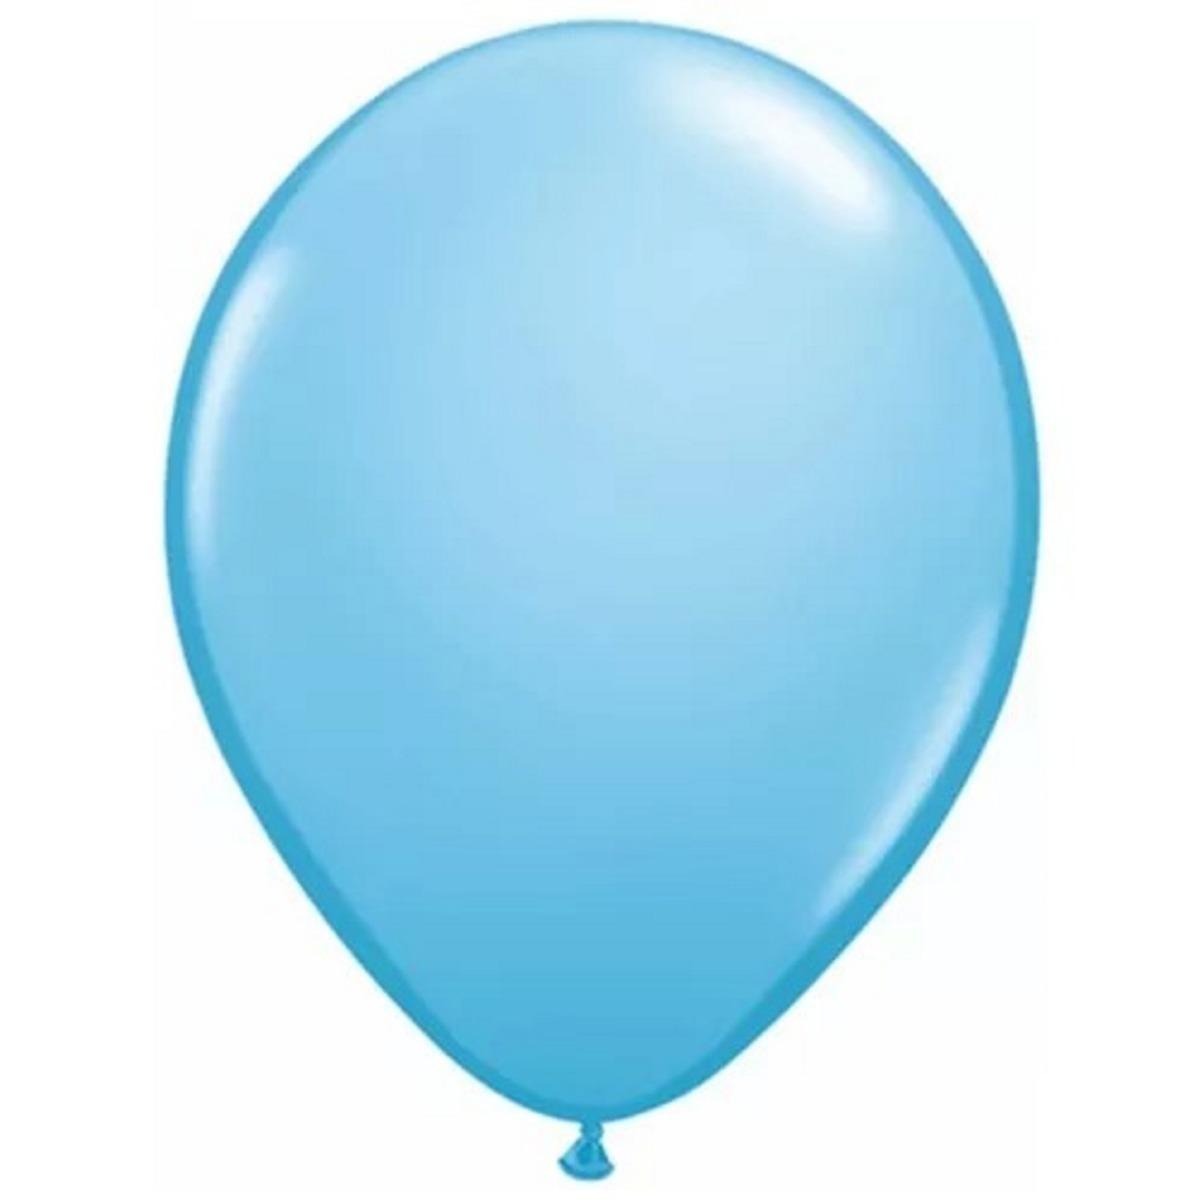 401728a711 200 Bexigas Numero 9 (todas Cores) Pic Pic Balões Azul Claro - R$ 59,90 em  Mercado Livre